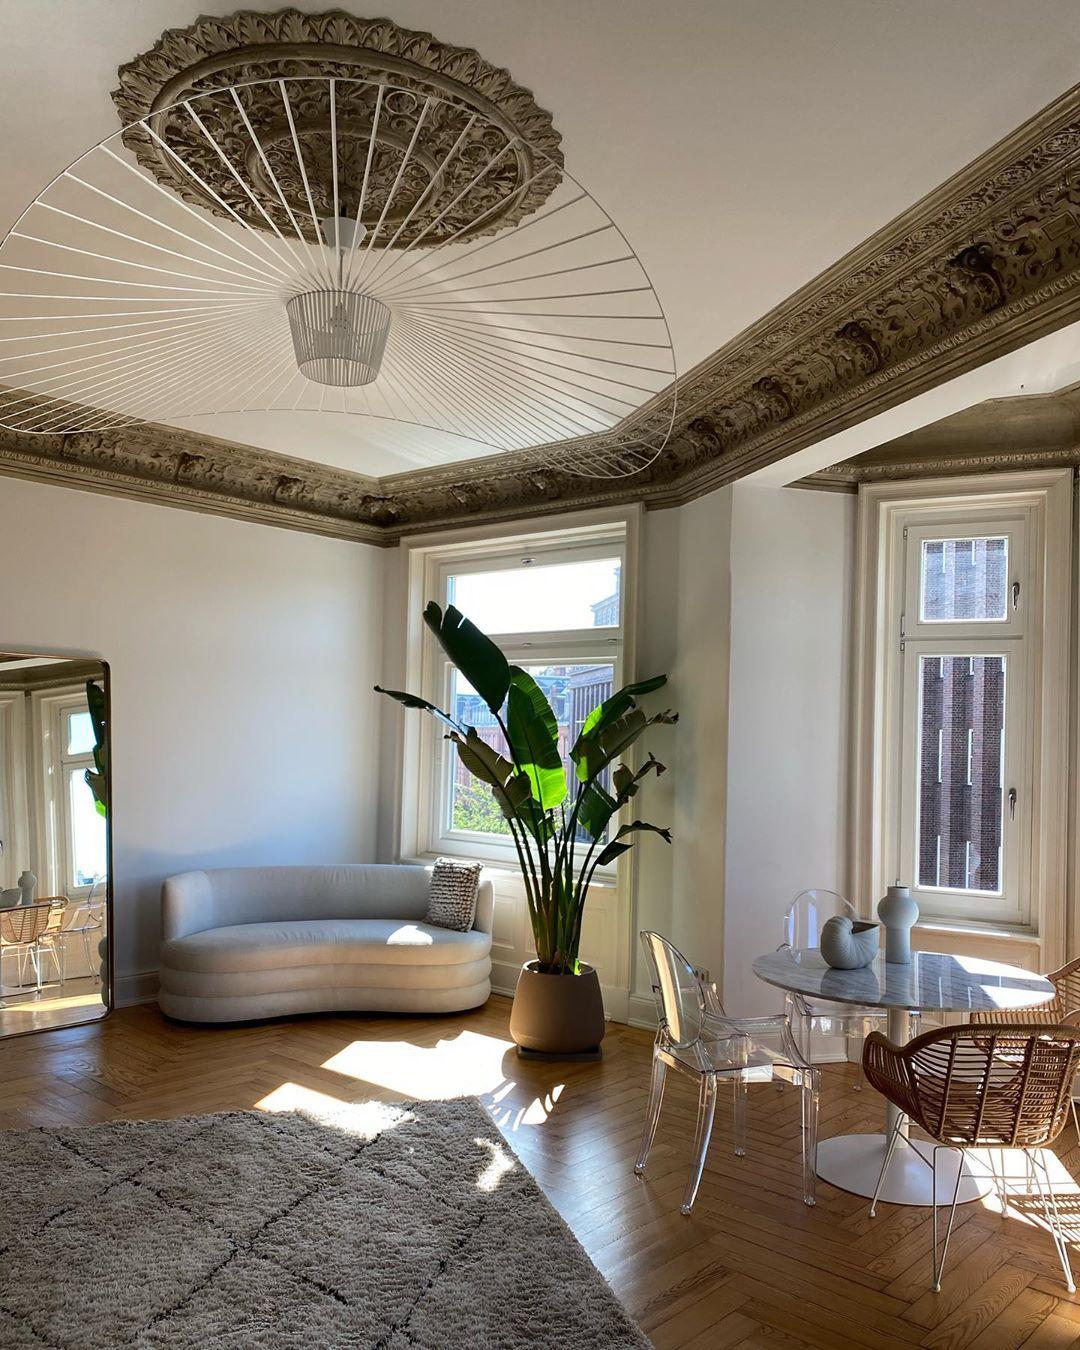 Aylin Koenig On Instagram My Creative Place In 2020 Wohnung Innenarchitektur Haus Deko